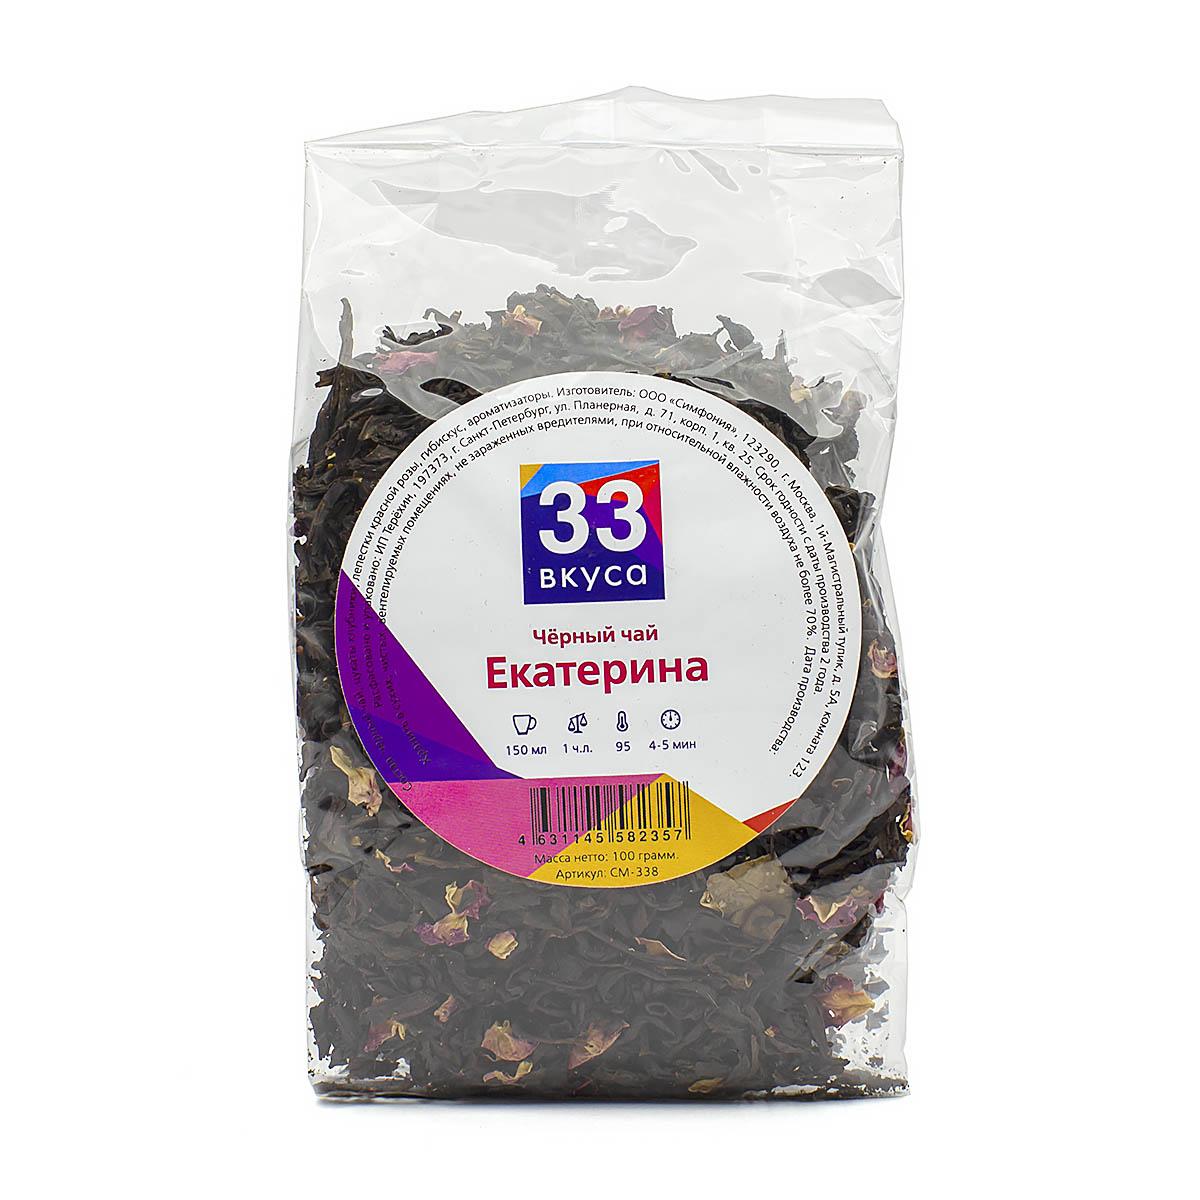 Черный ароматизированный чай Екатерина, 100 г принцесса нури бергамот черный ароматизированный чай в пакетиках 25 шт